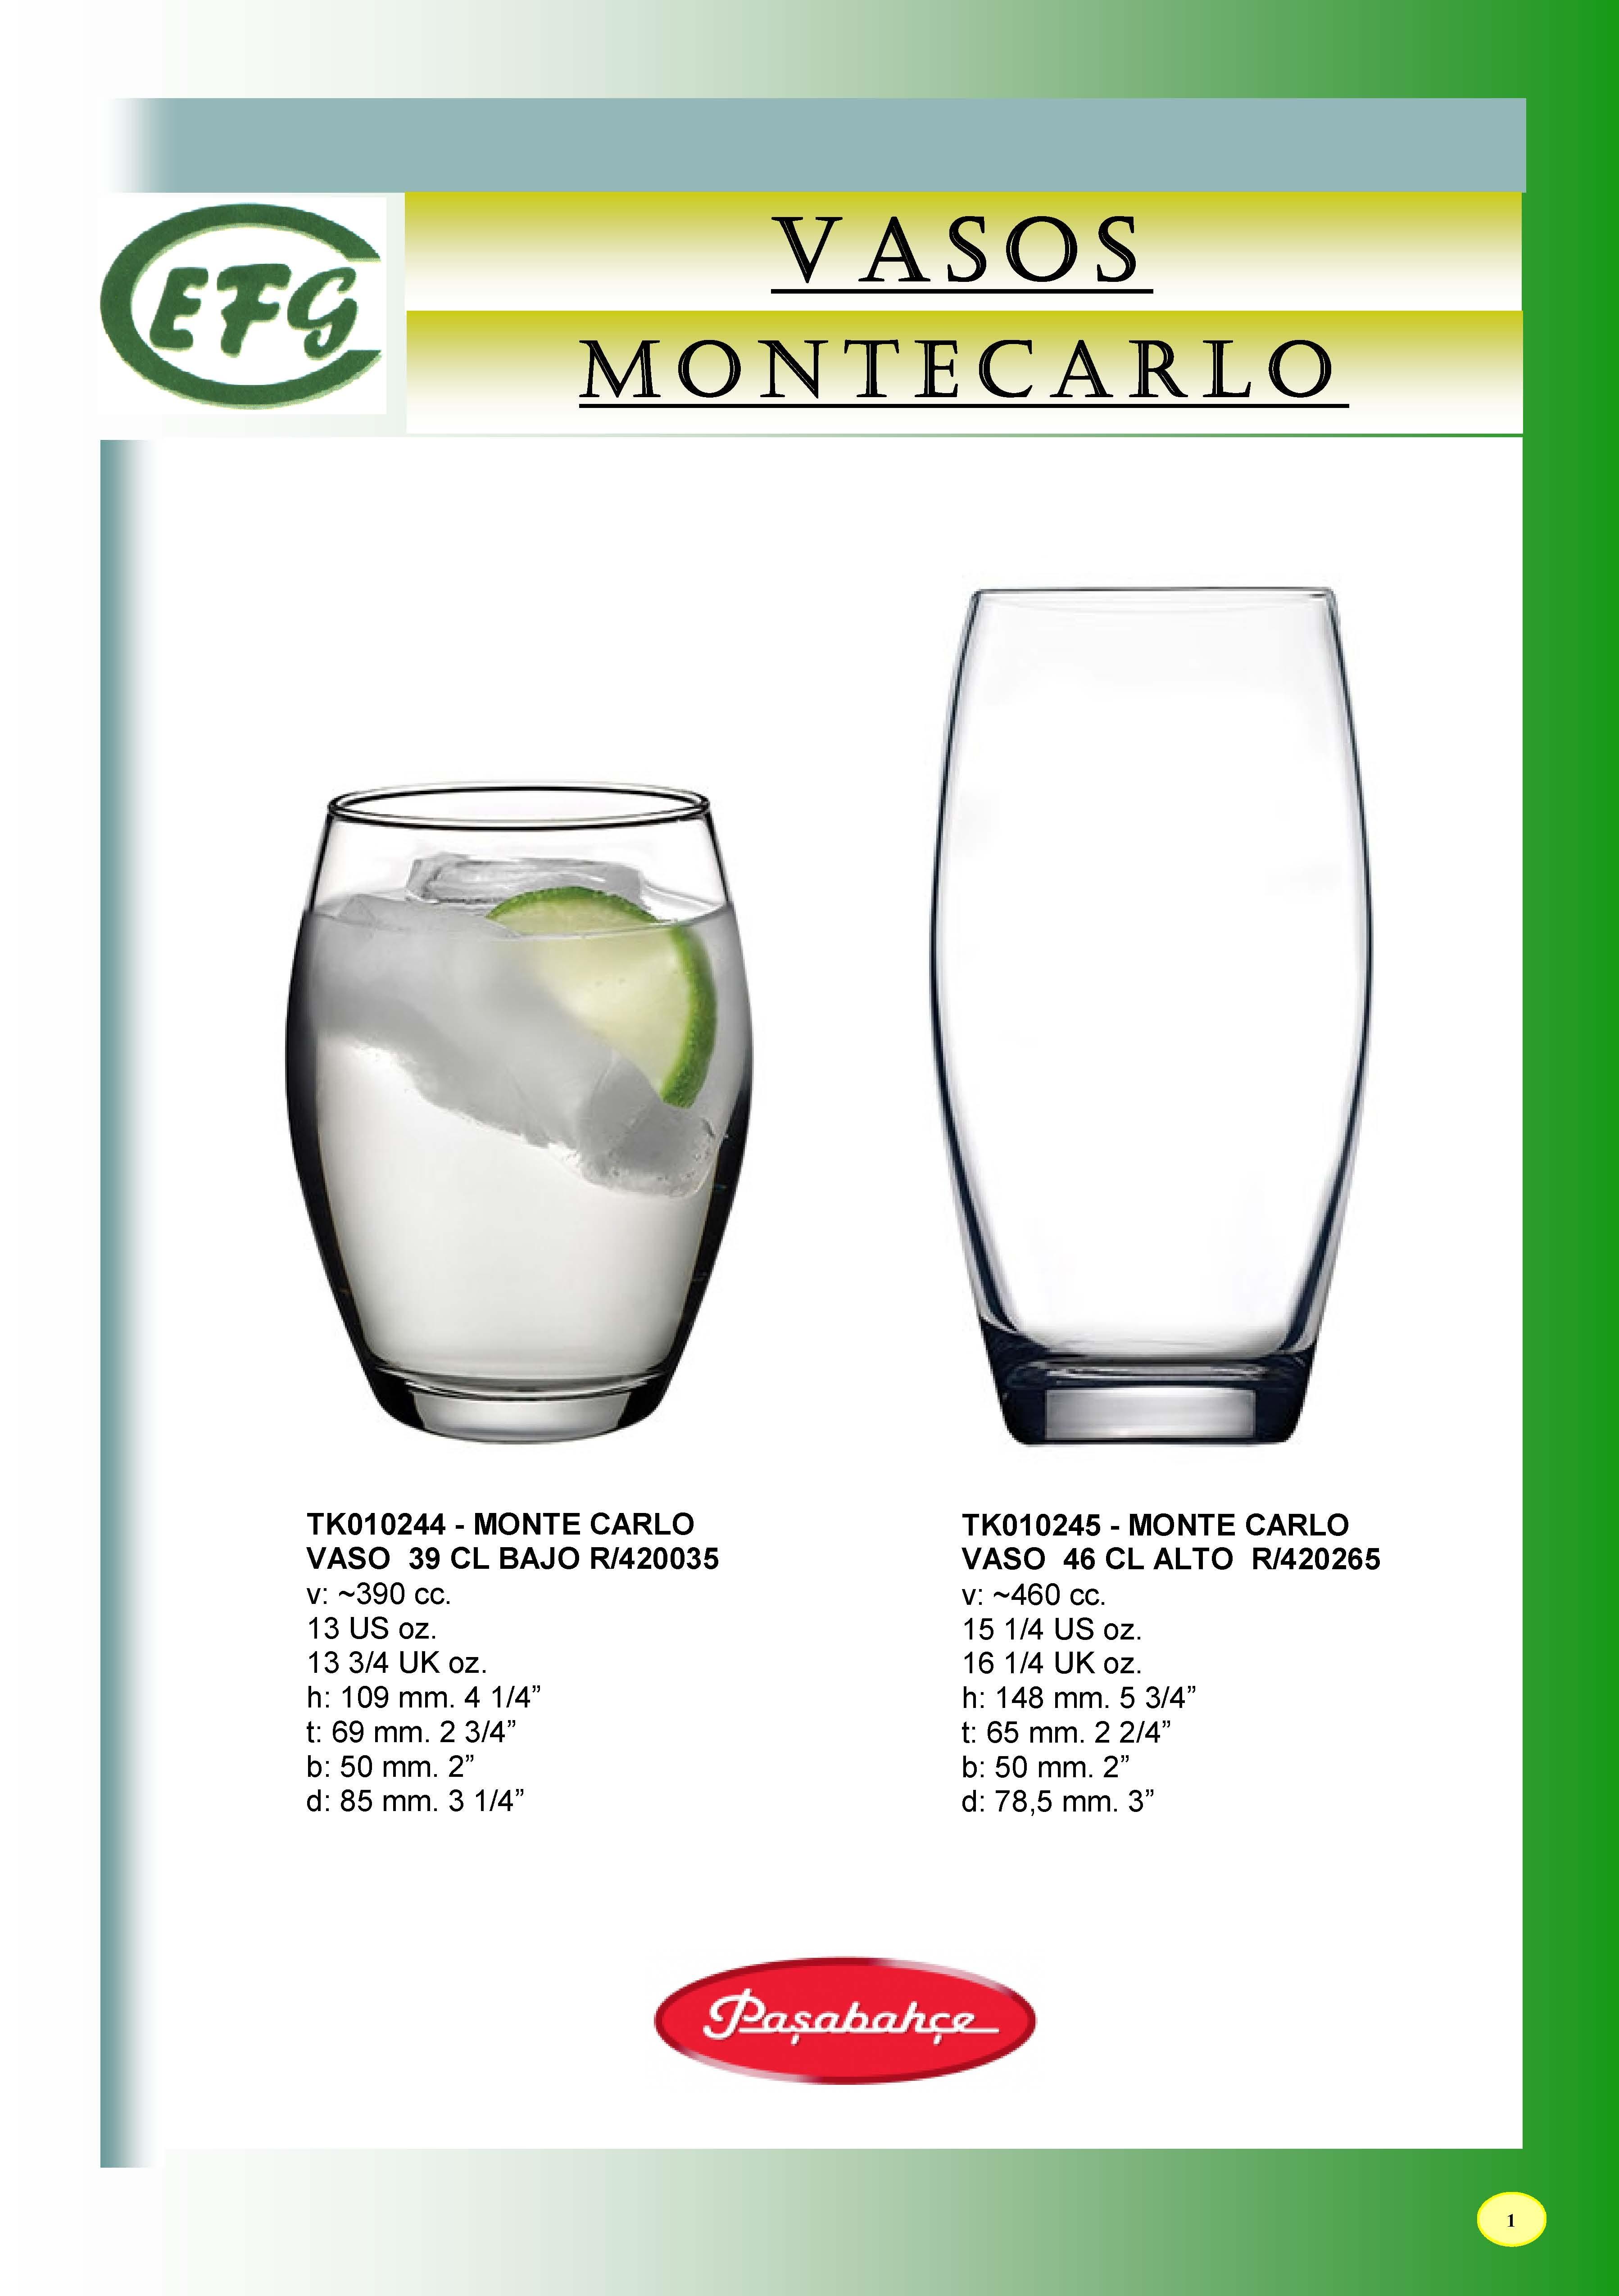 MONTE CARLO VASO 39 CL BAJO R/420035